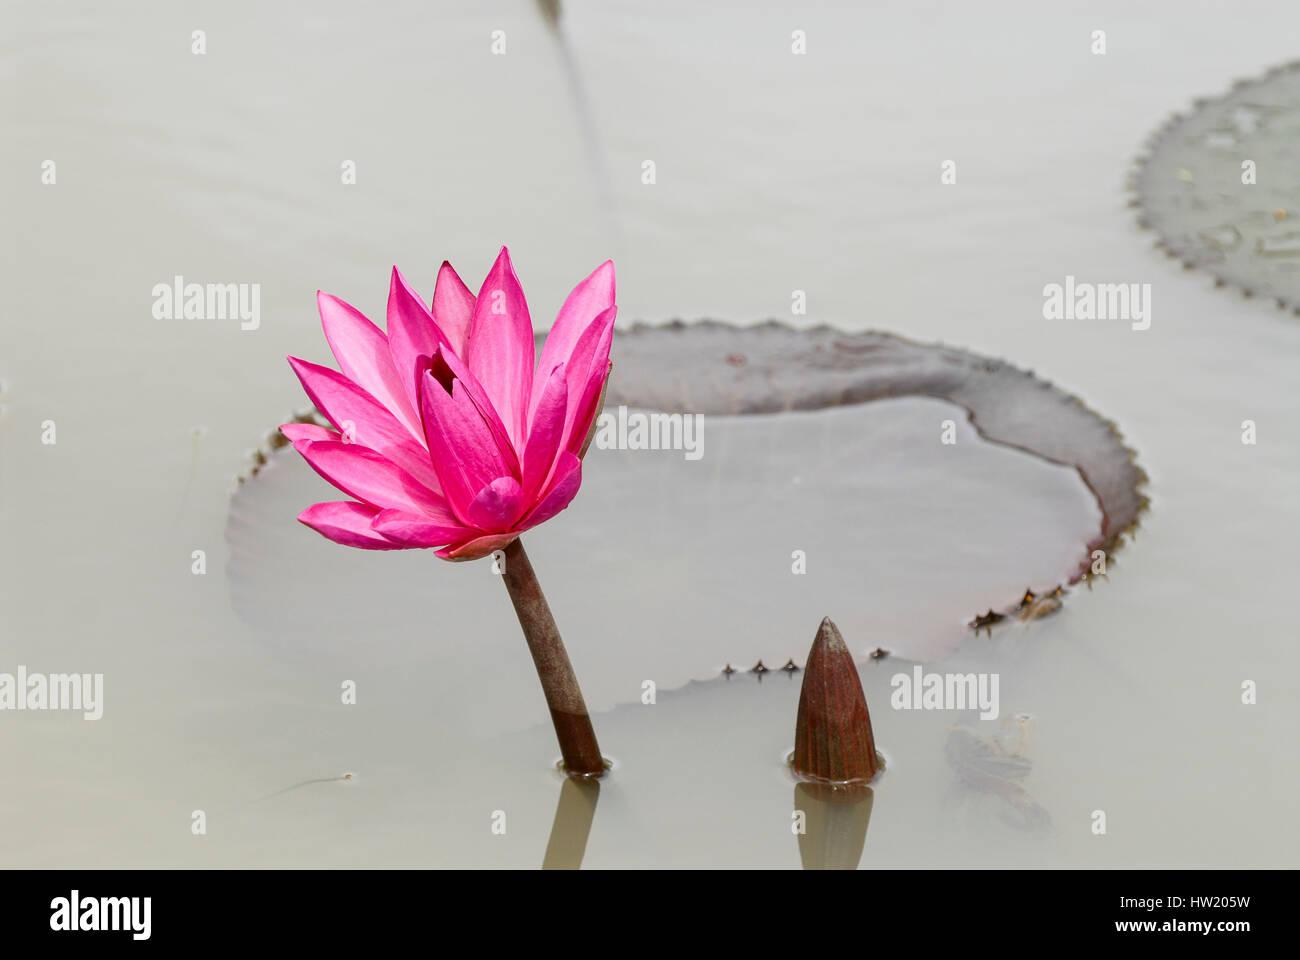 Red Lotus Flower Meaning Red Lotus Flower Symbolism Dinocrofo